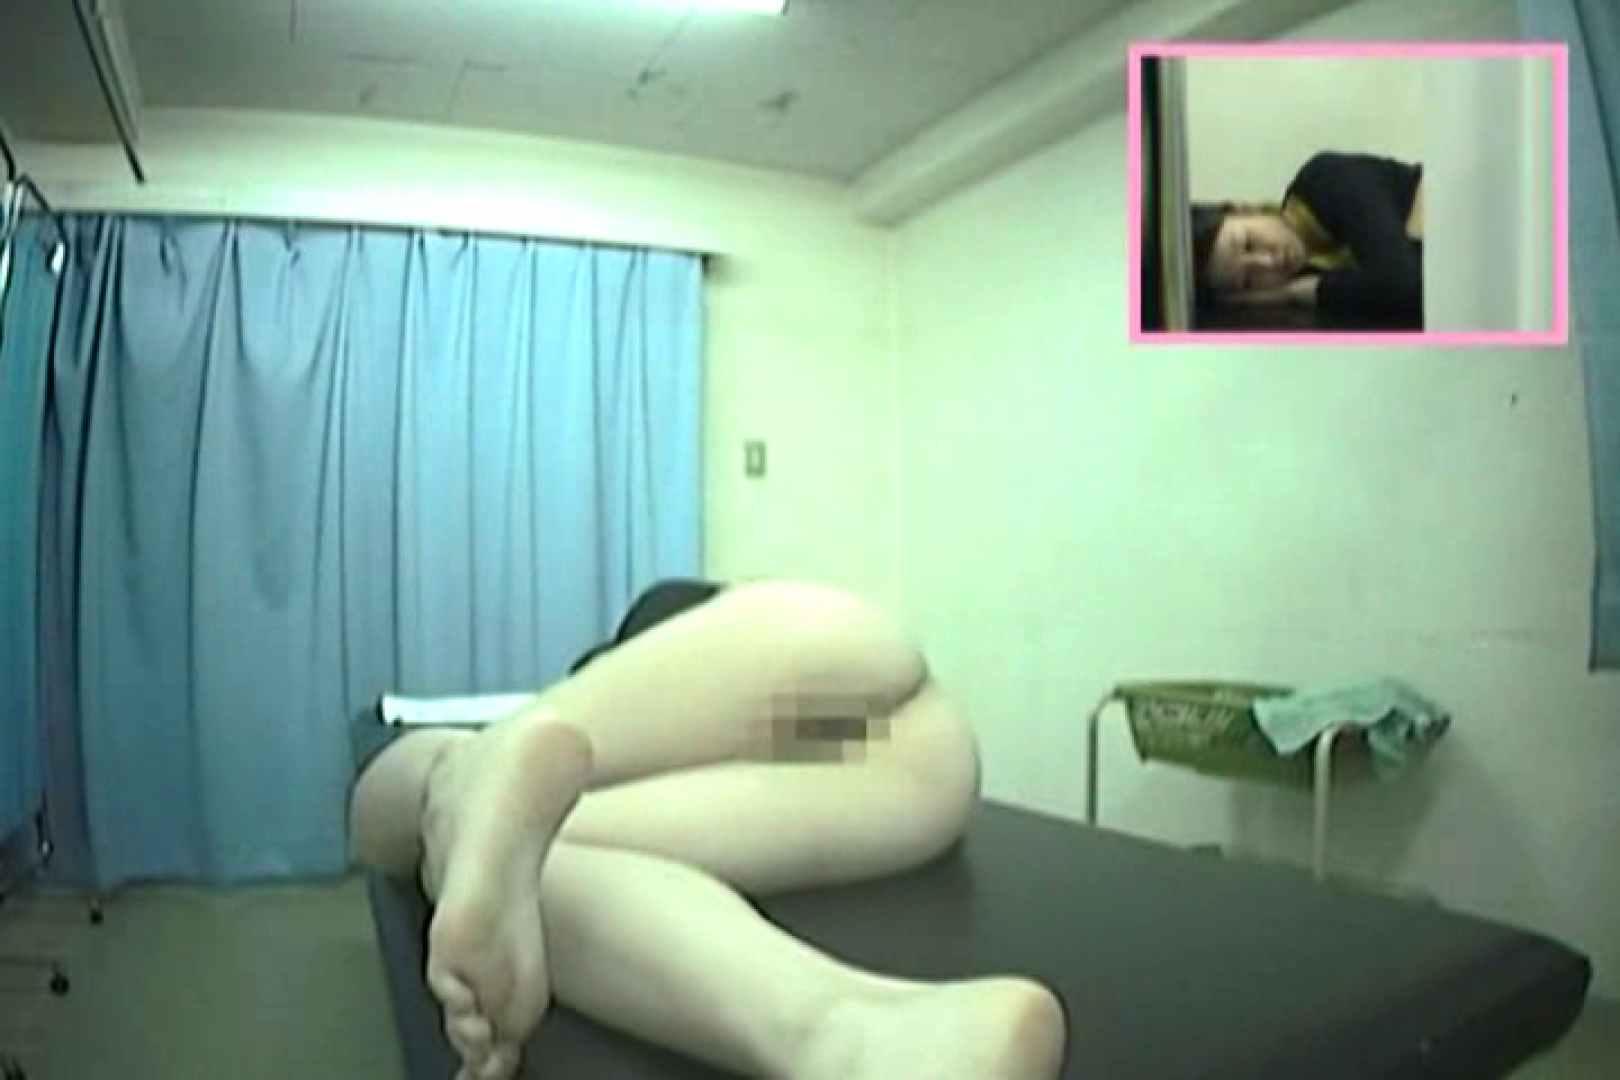 アナルに指を入れられる彼女達の事情Vol.1 エロティックなOL   女性の肛門  63画像 34